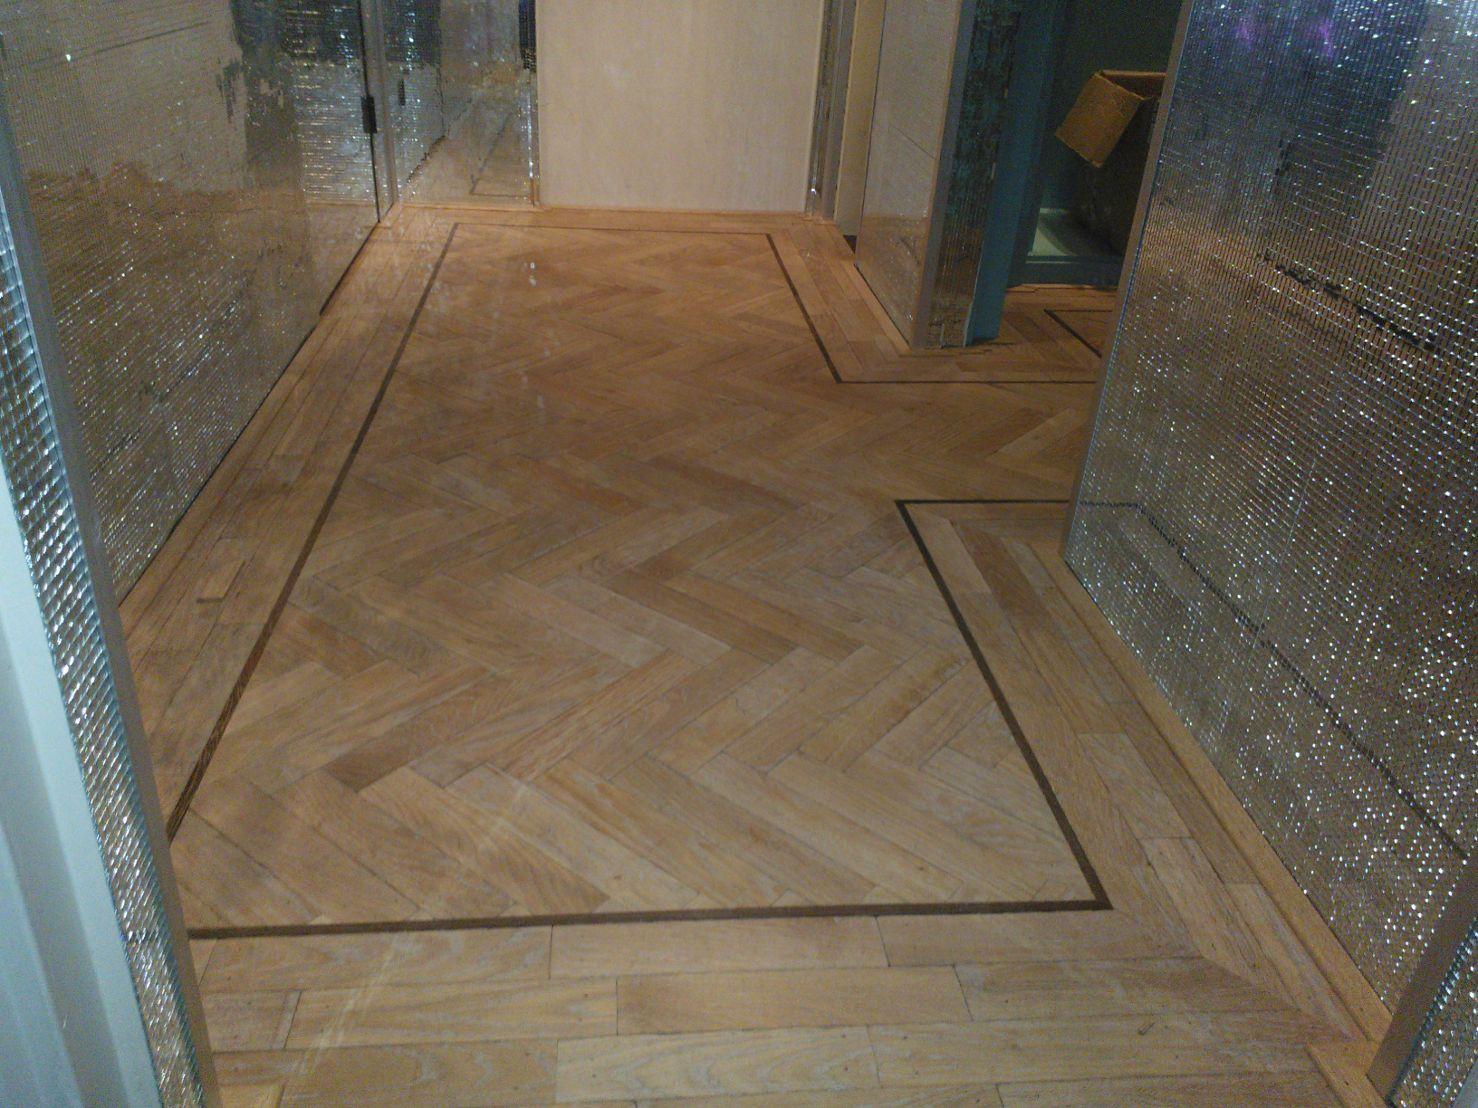 visgraat parket vloer door natuurlijk hout gelegd in een hal